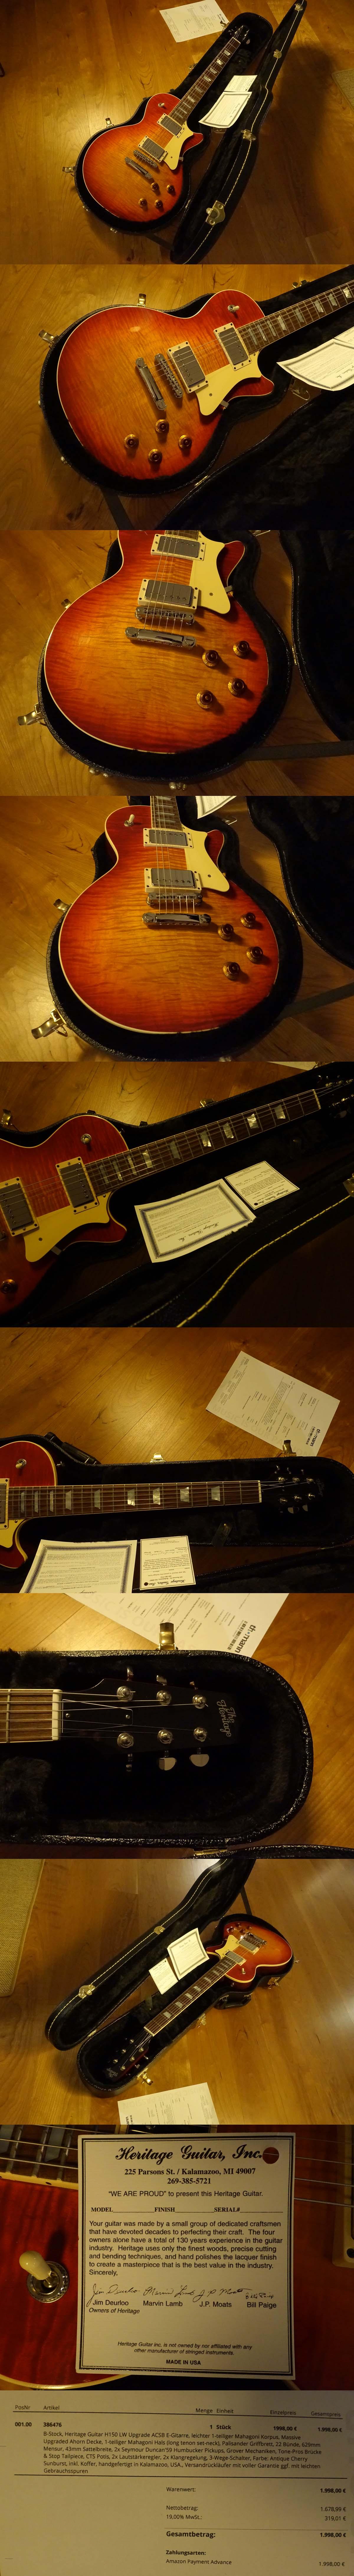 heritage guitar h150 lw upgrade. Black Bedroom Furniture Sets. Home Design Ideas